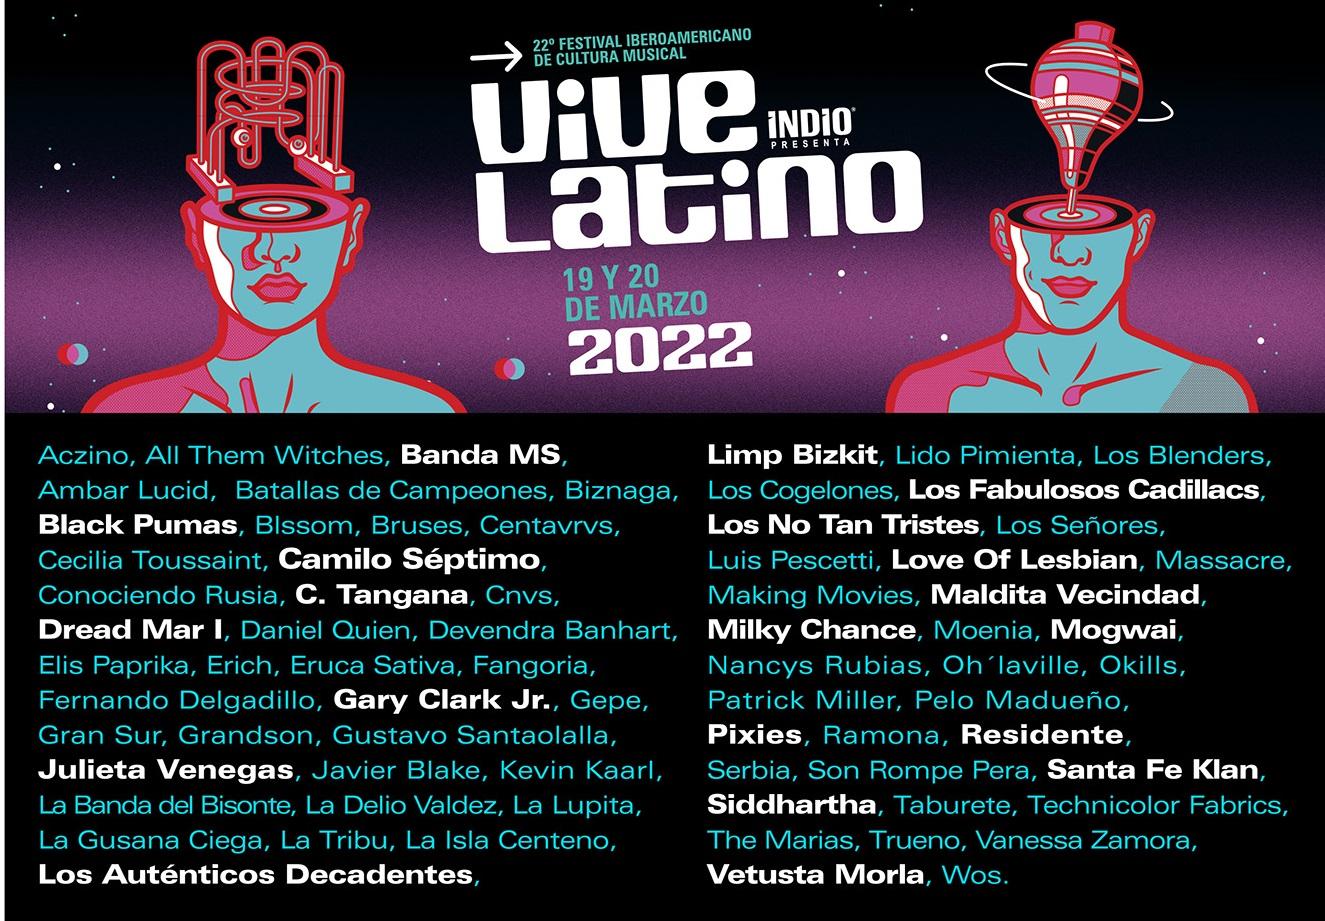 Así quedó el cartel del Vive latino 2022 ¿Ya lo viste?